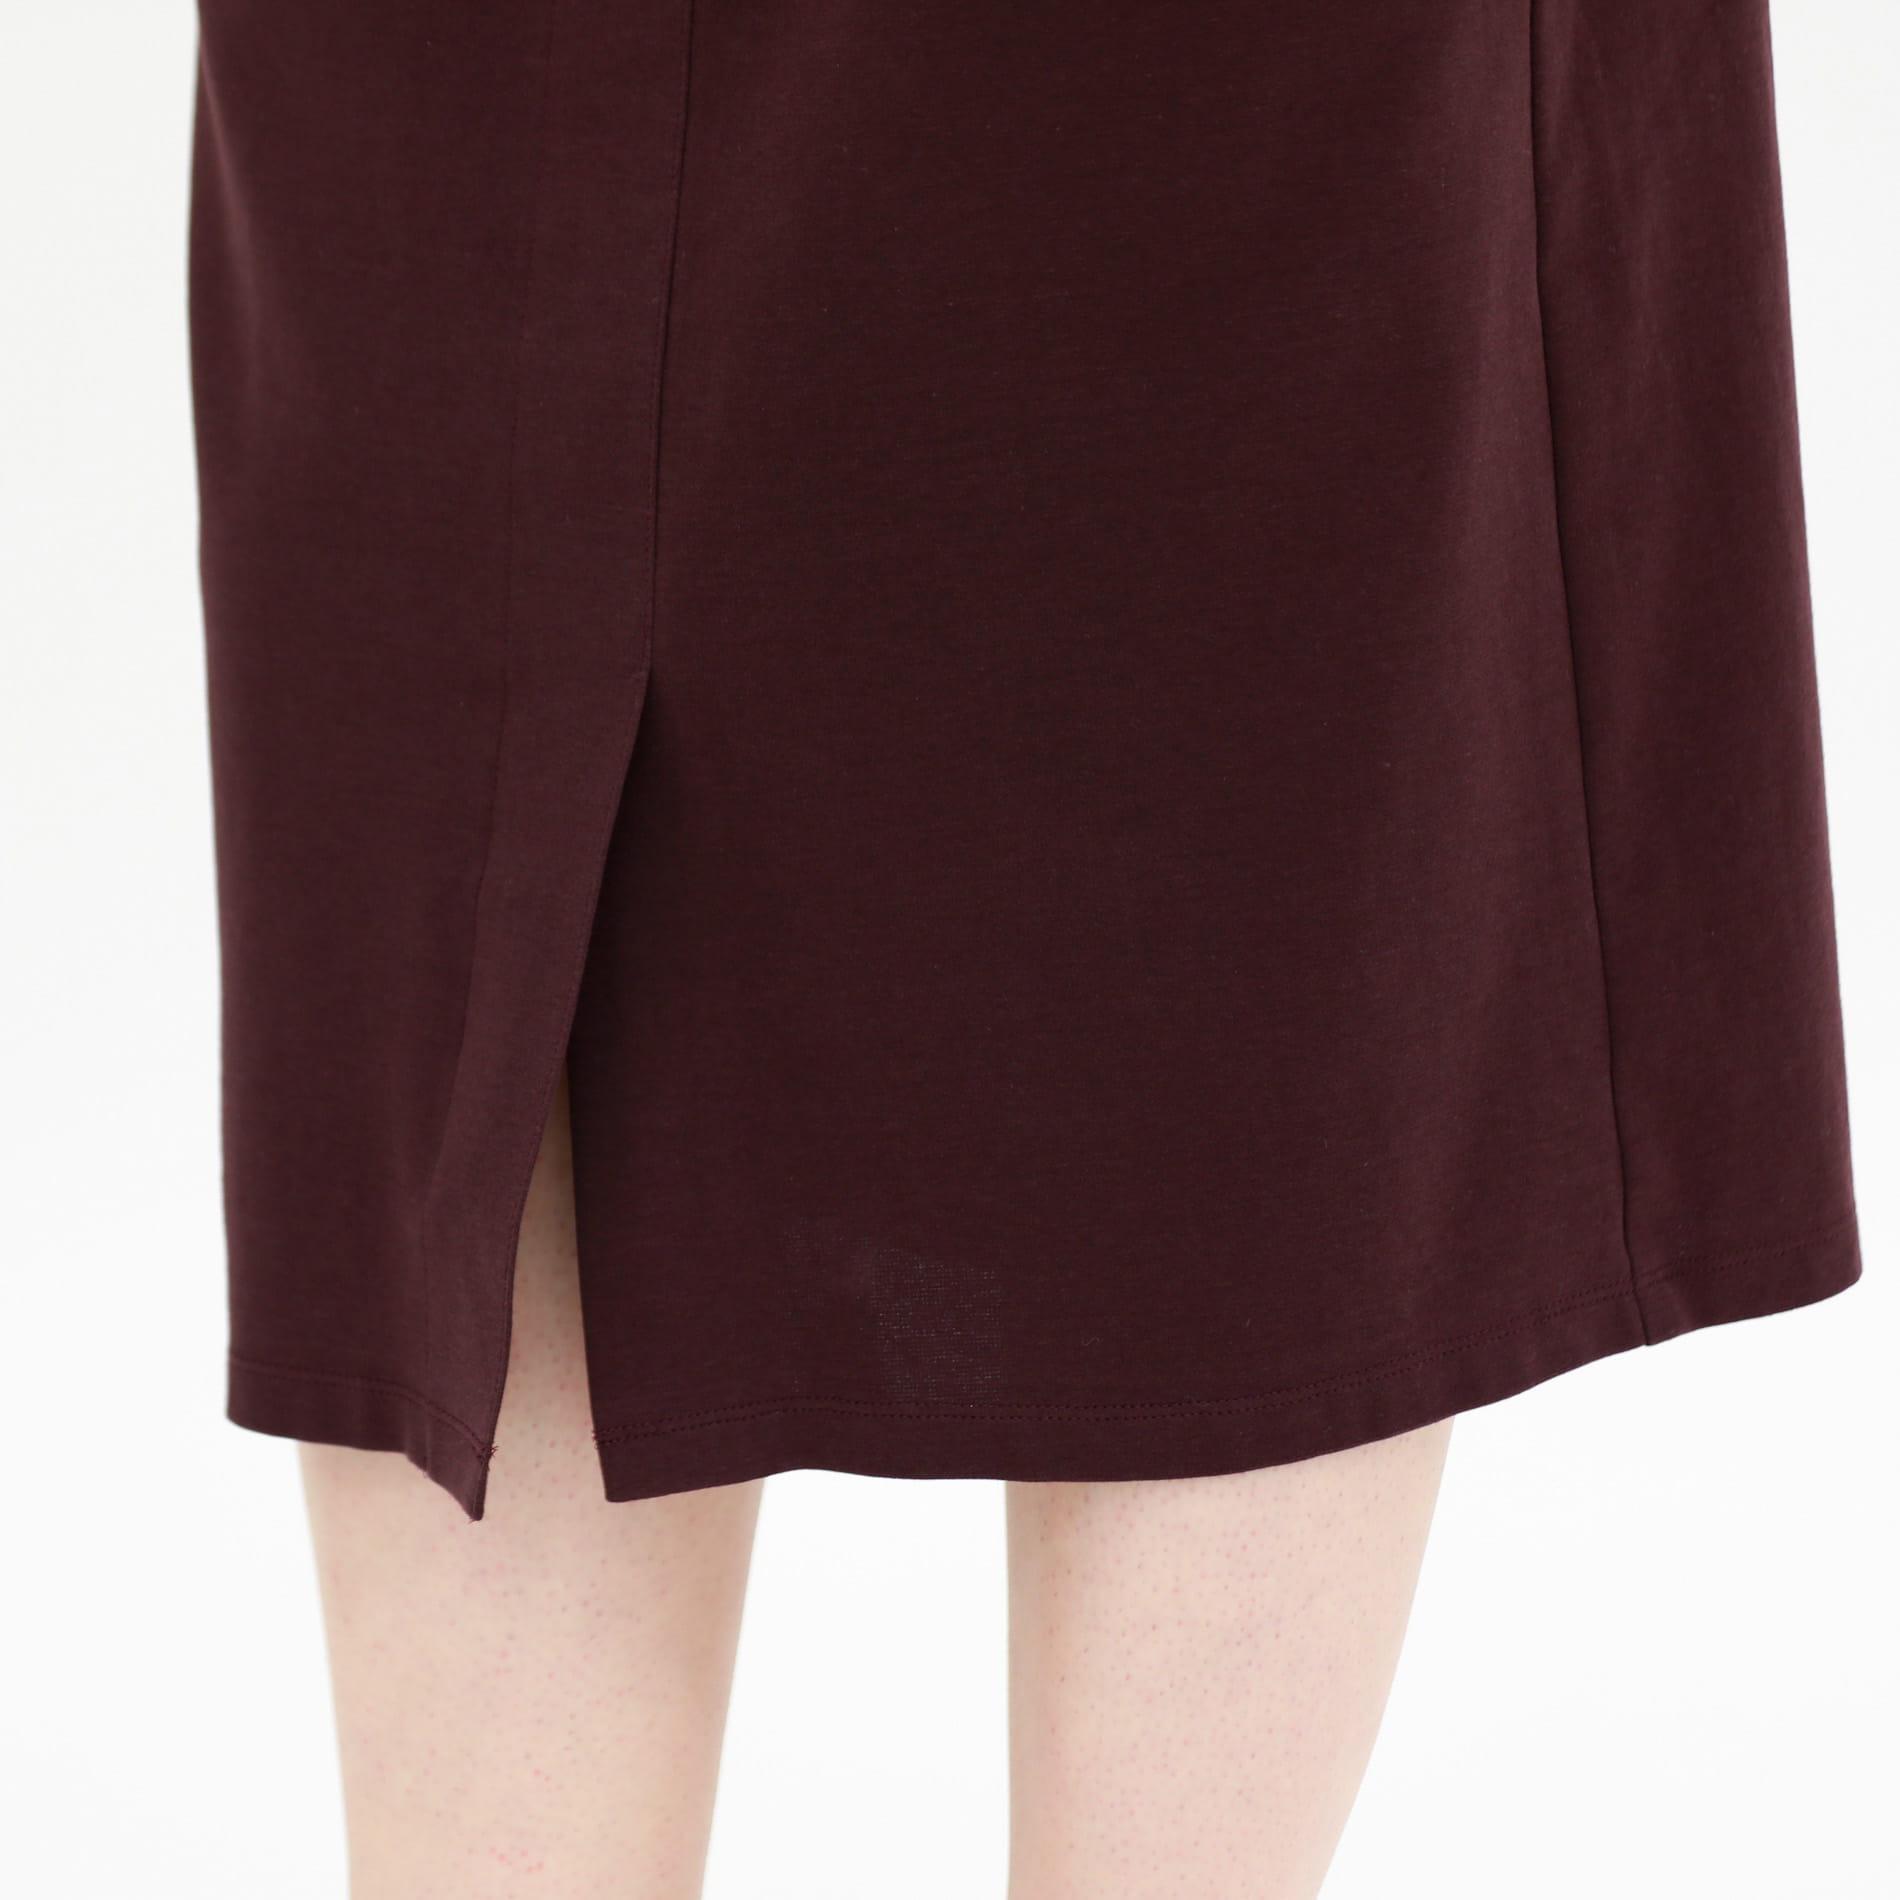 ベルテットタイトスカート